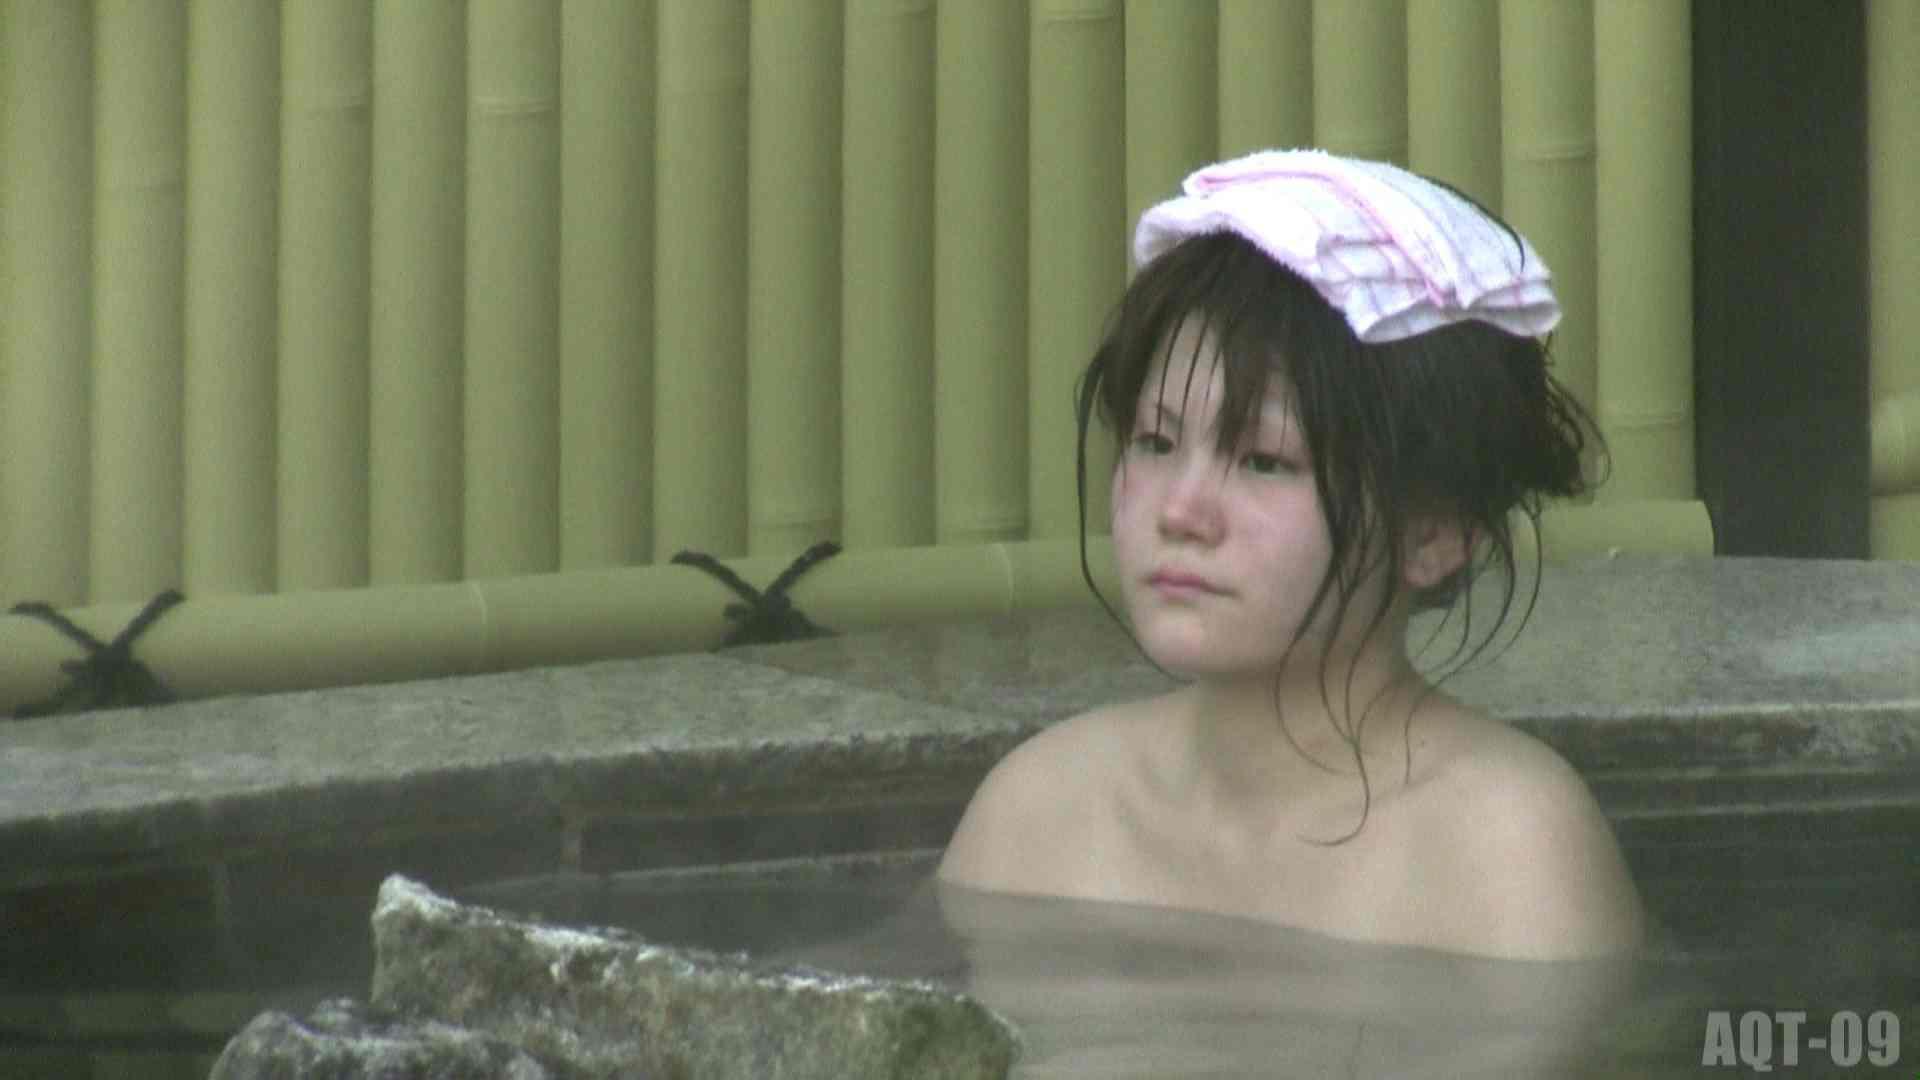 Aquaな露天風呂Vol.789 盗撮シリーズ  96PIX 10